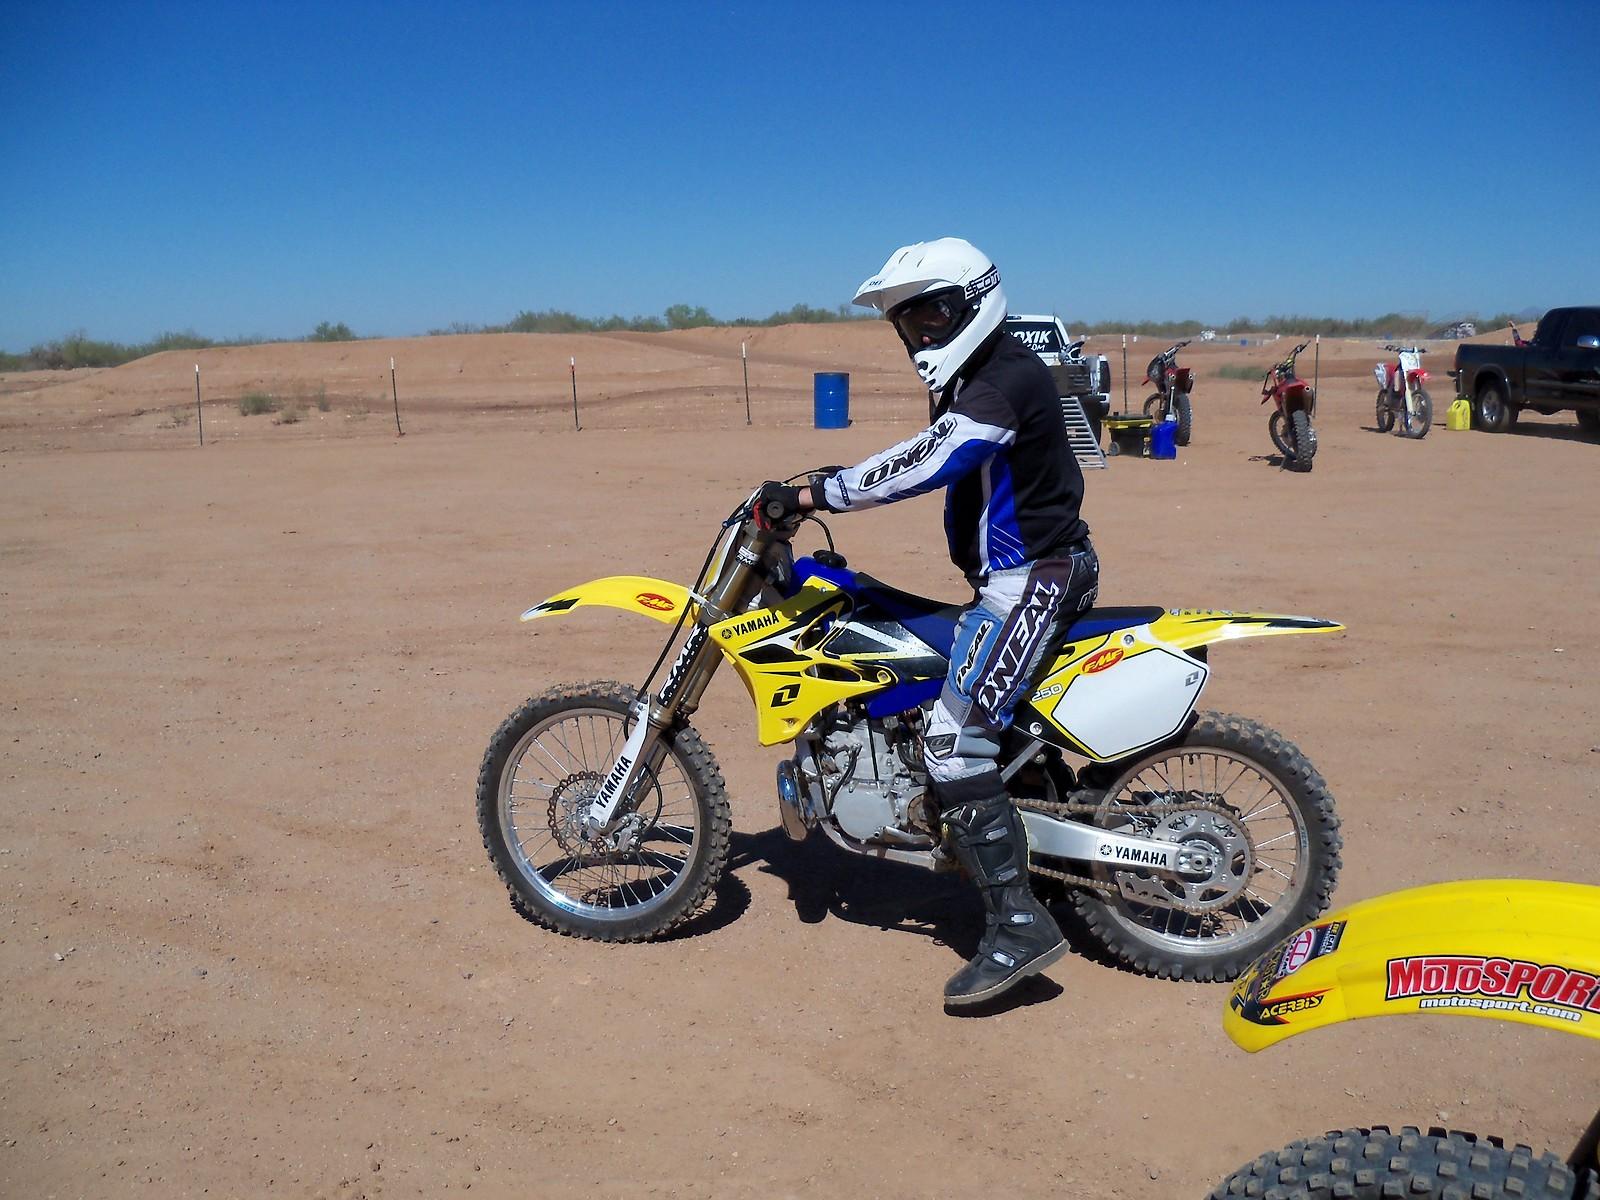 YZ - MMoen - Motocross Pictures - Vital MX